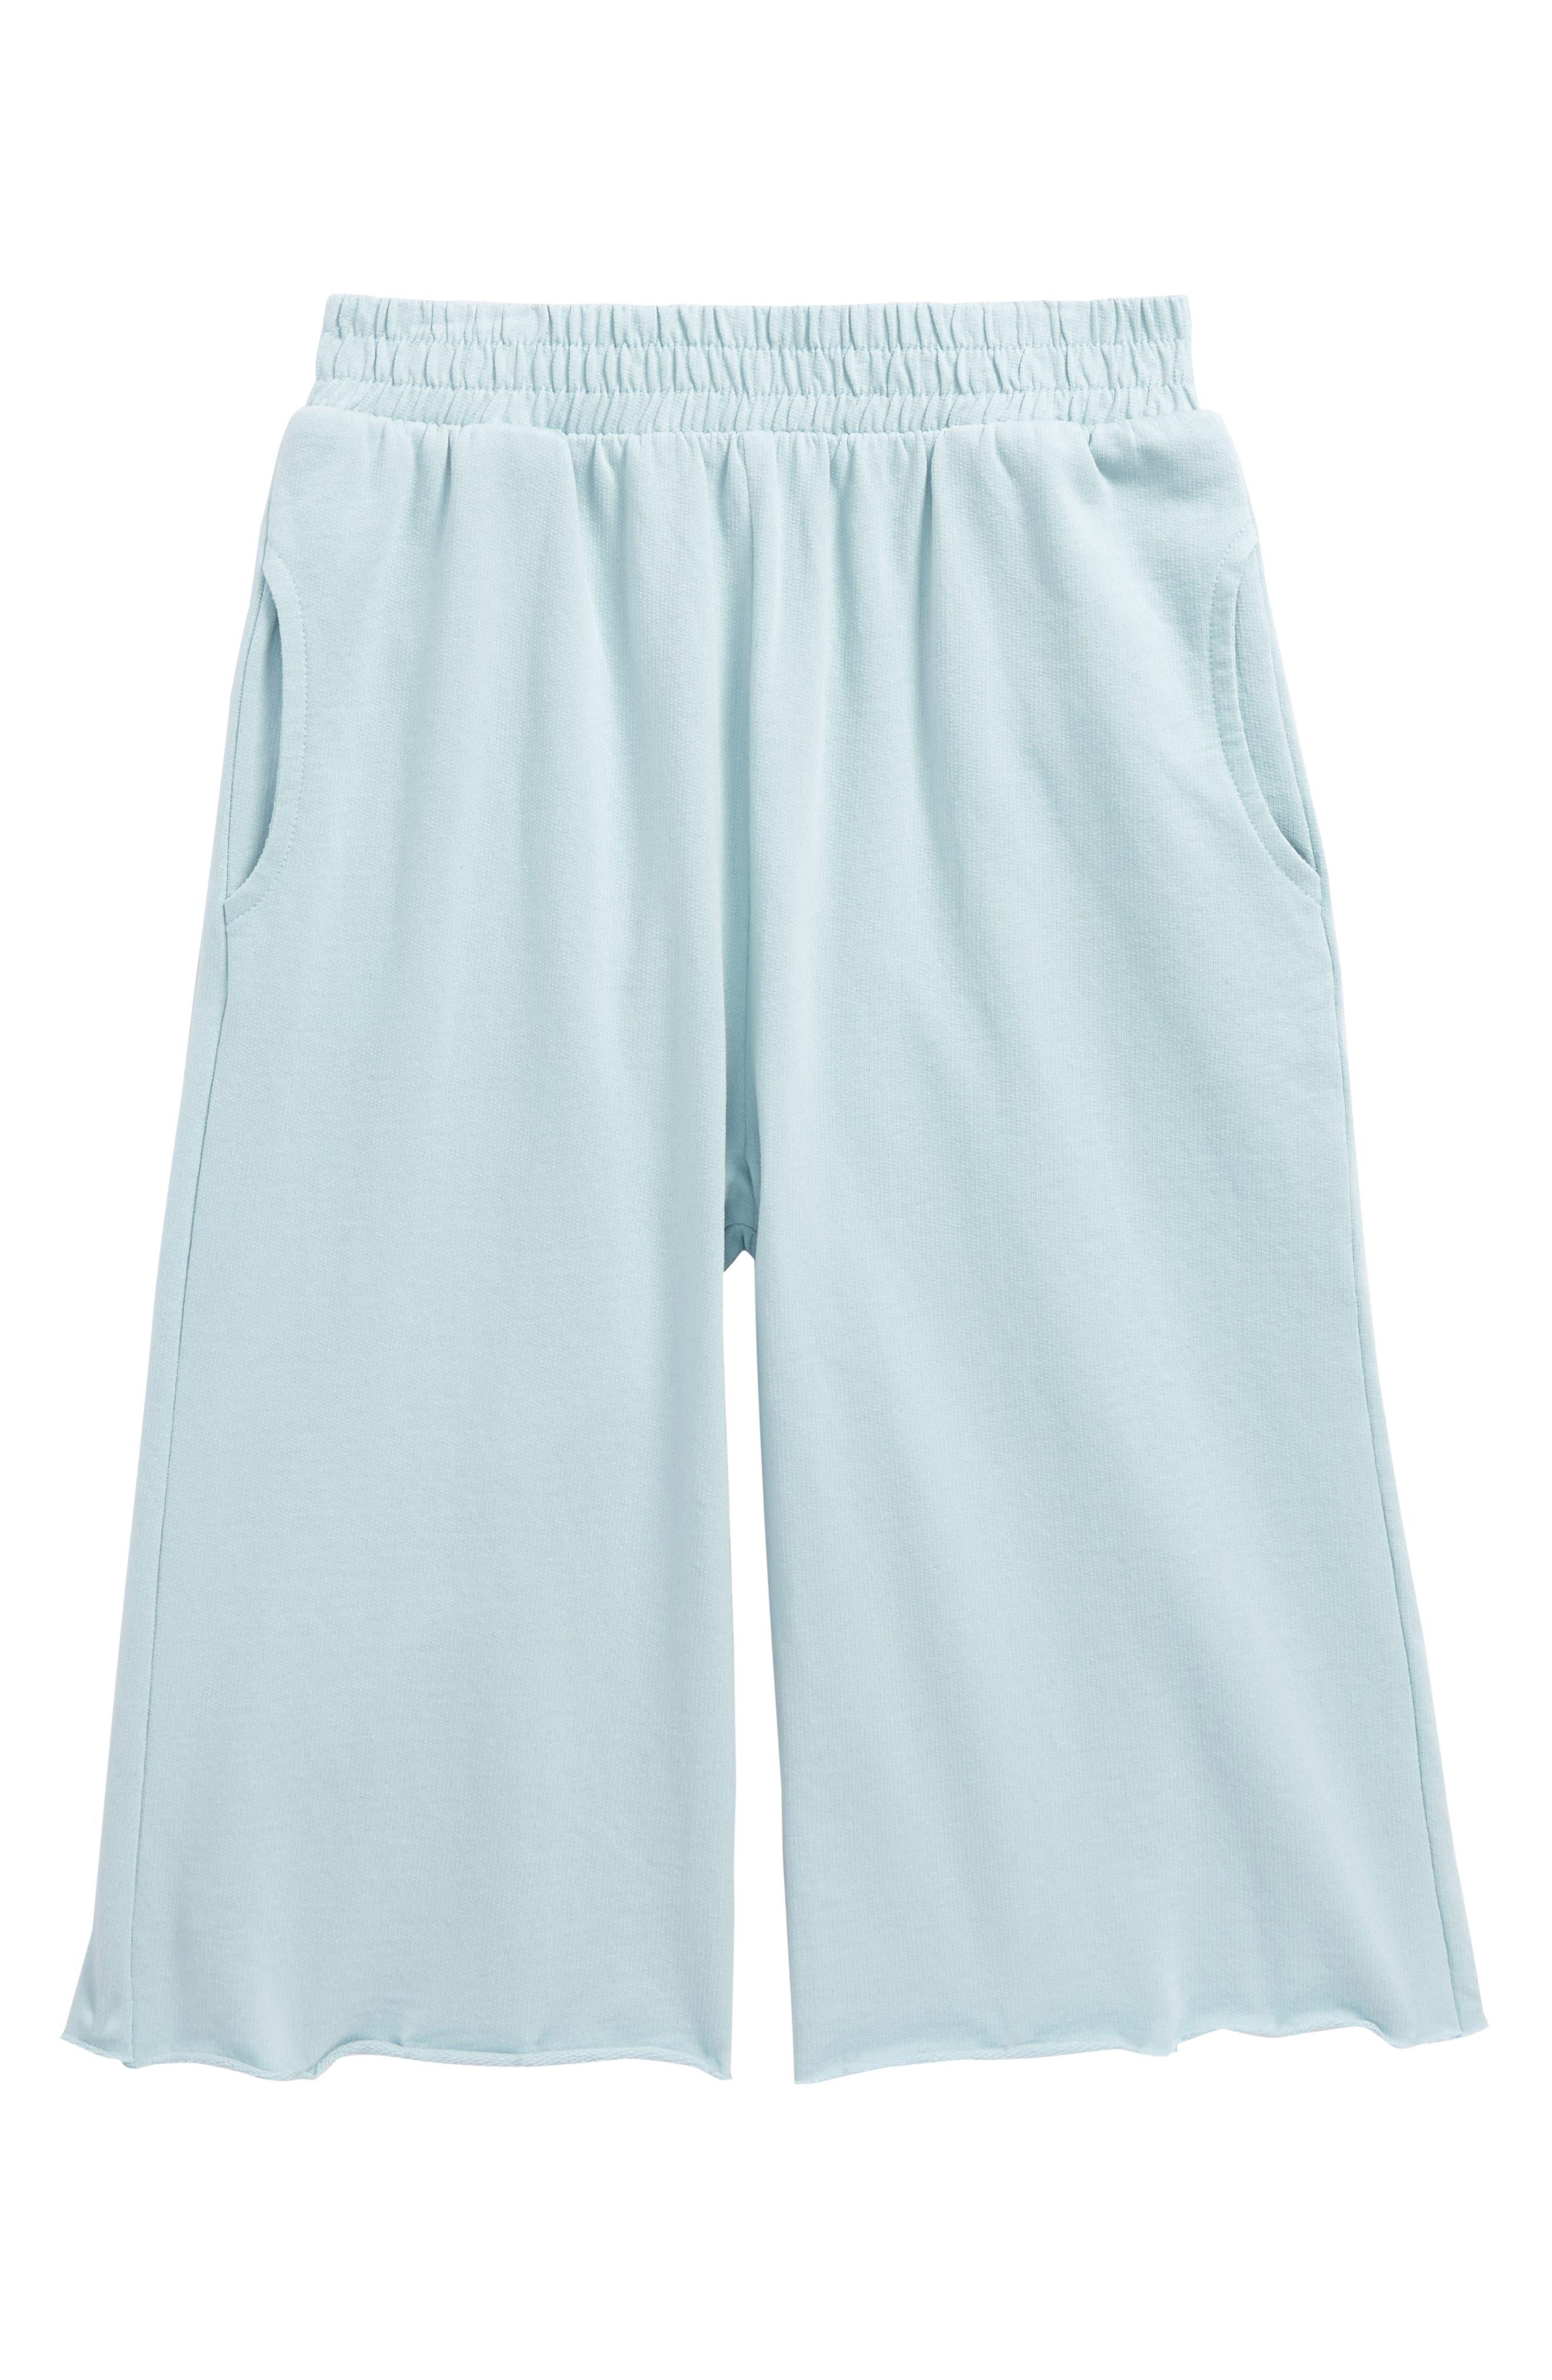 Wide Leg Sweatpants,                         Main,                         color, Blue Sterling